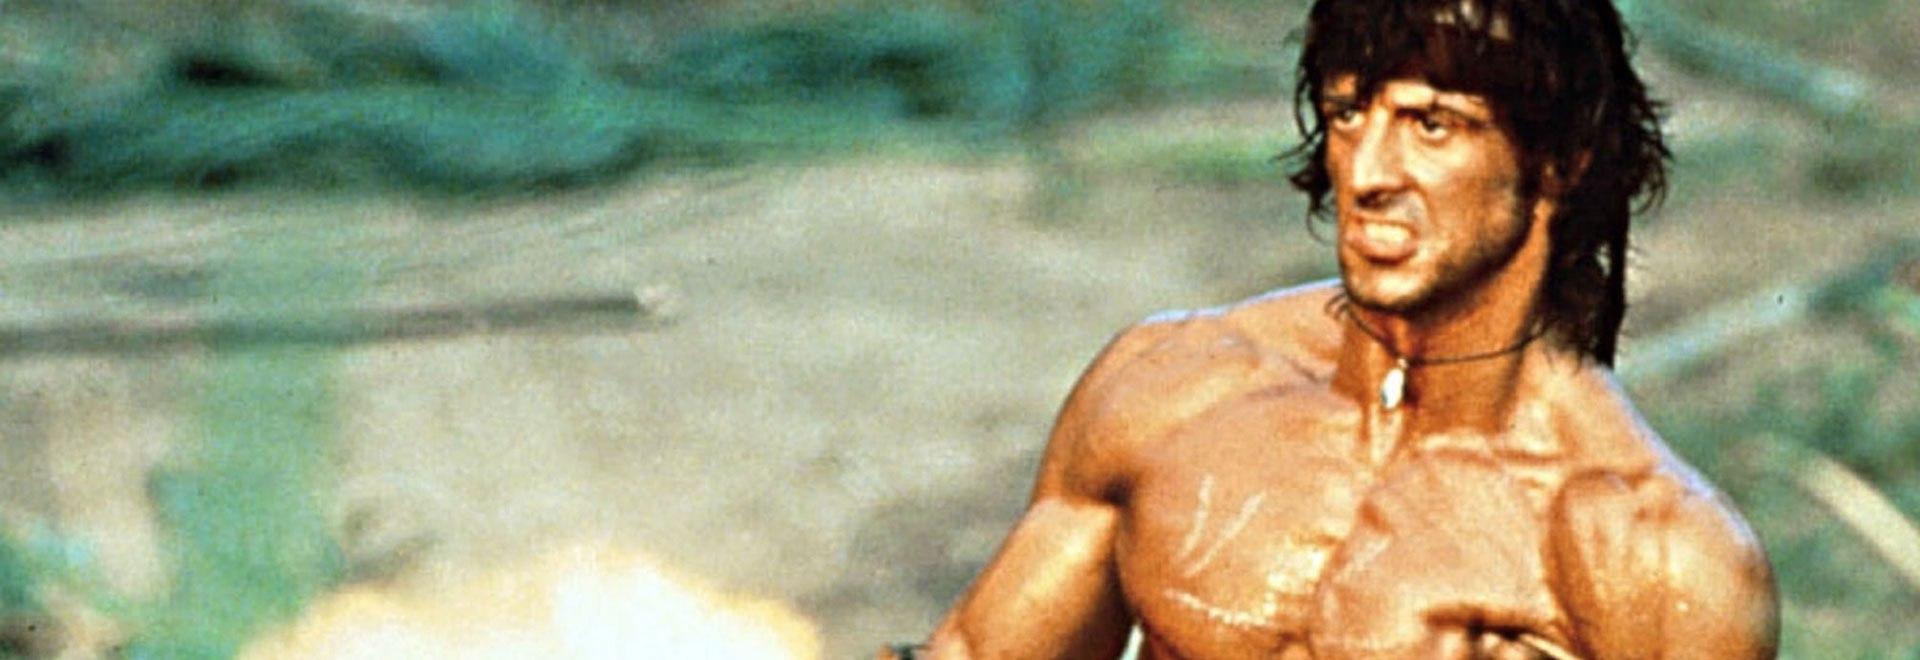 Da Rambo a Terminator - Quando Hollywood picchiava duro